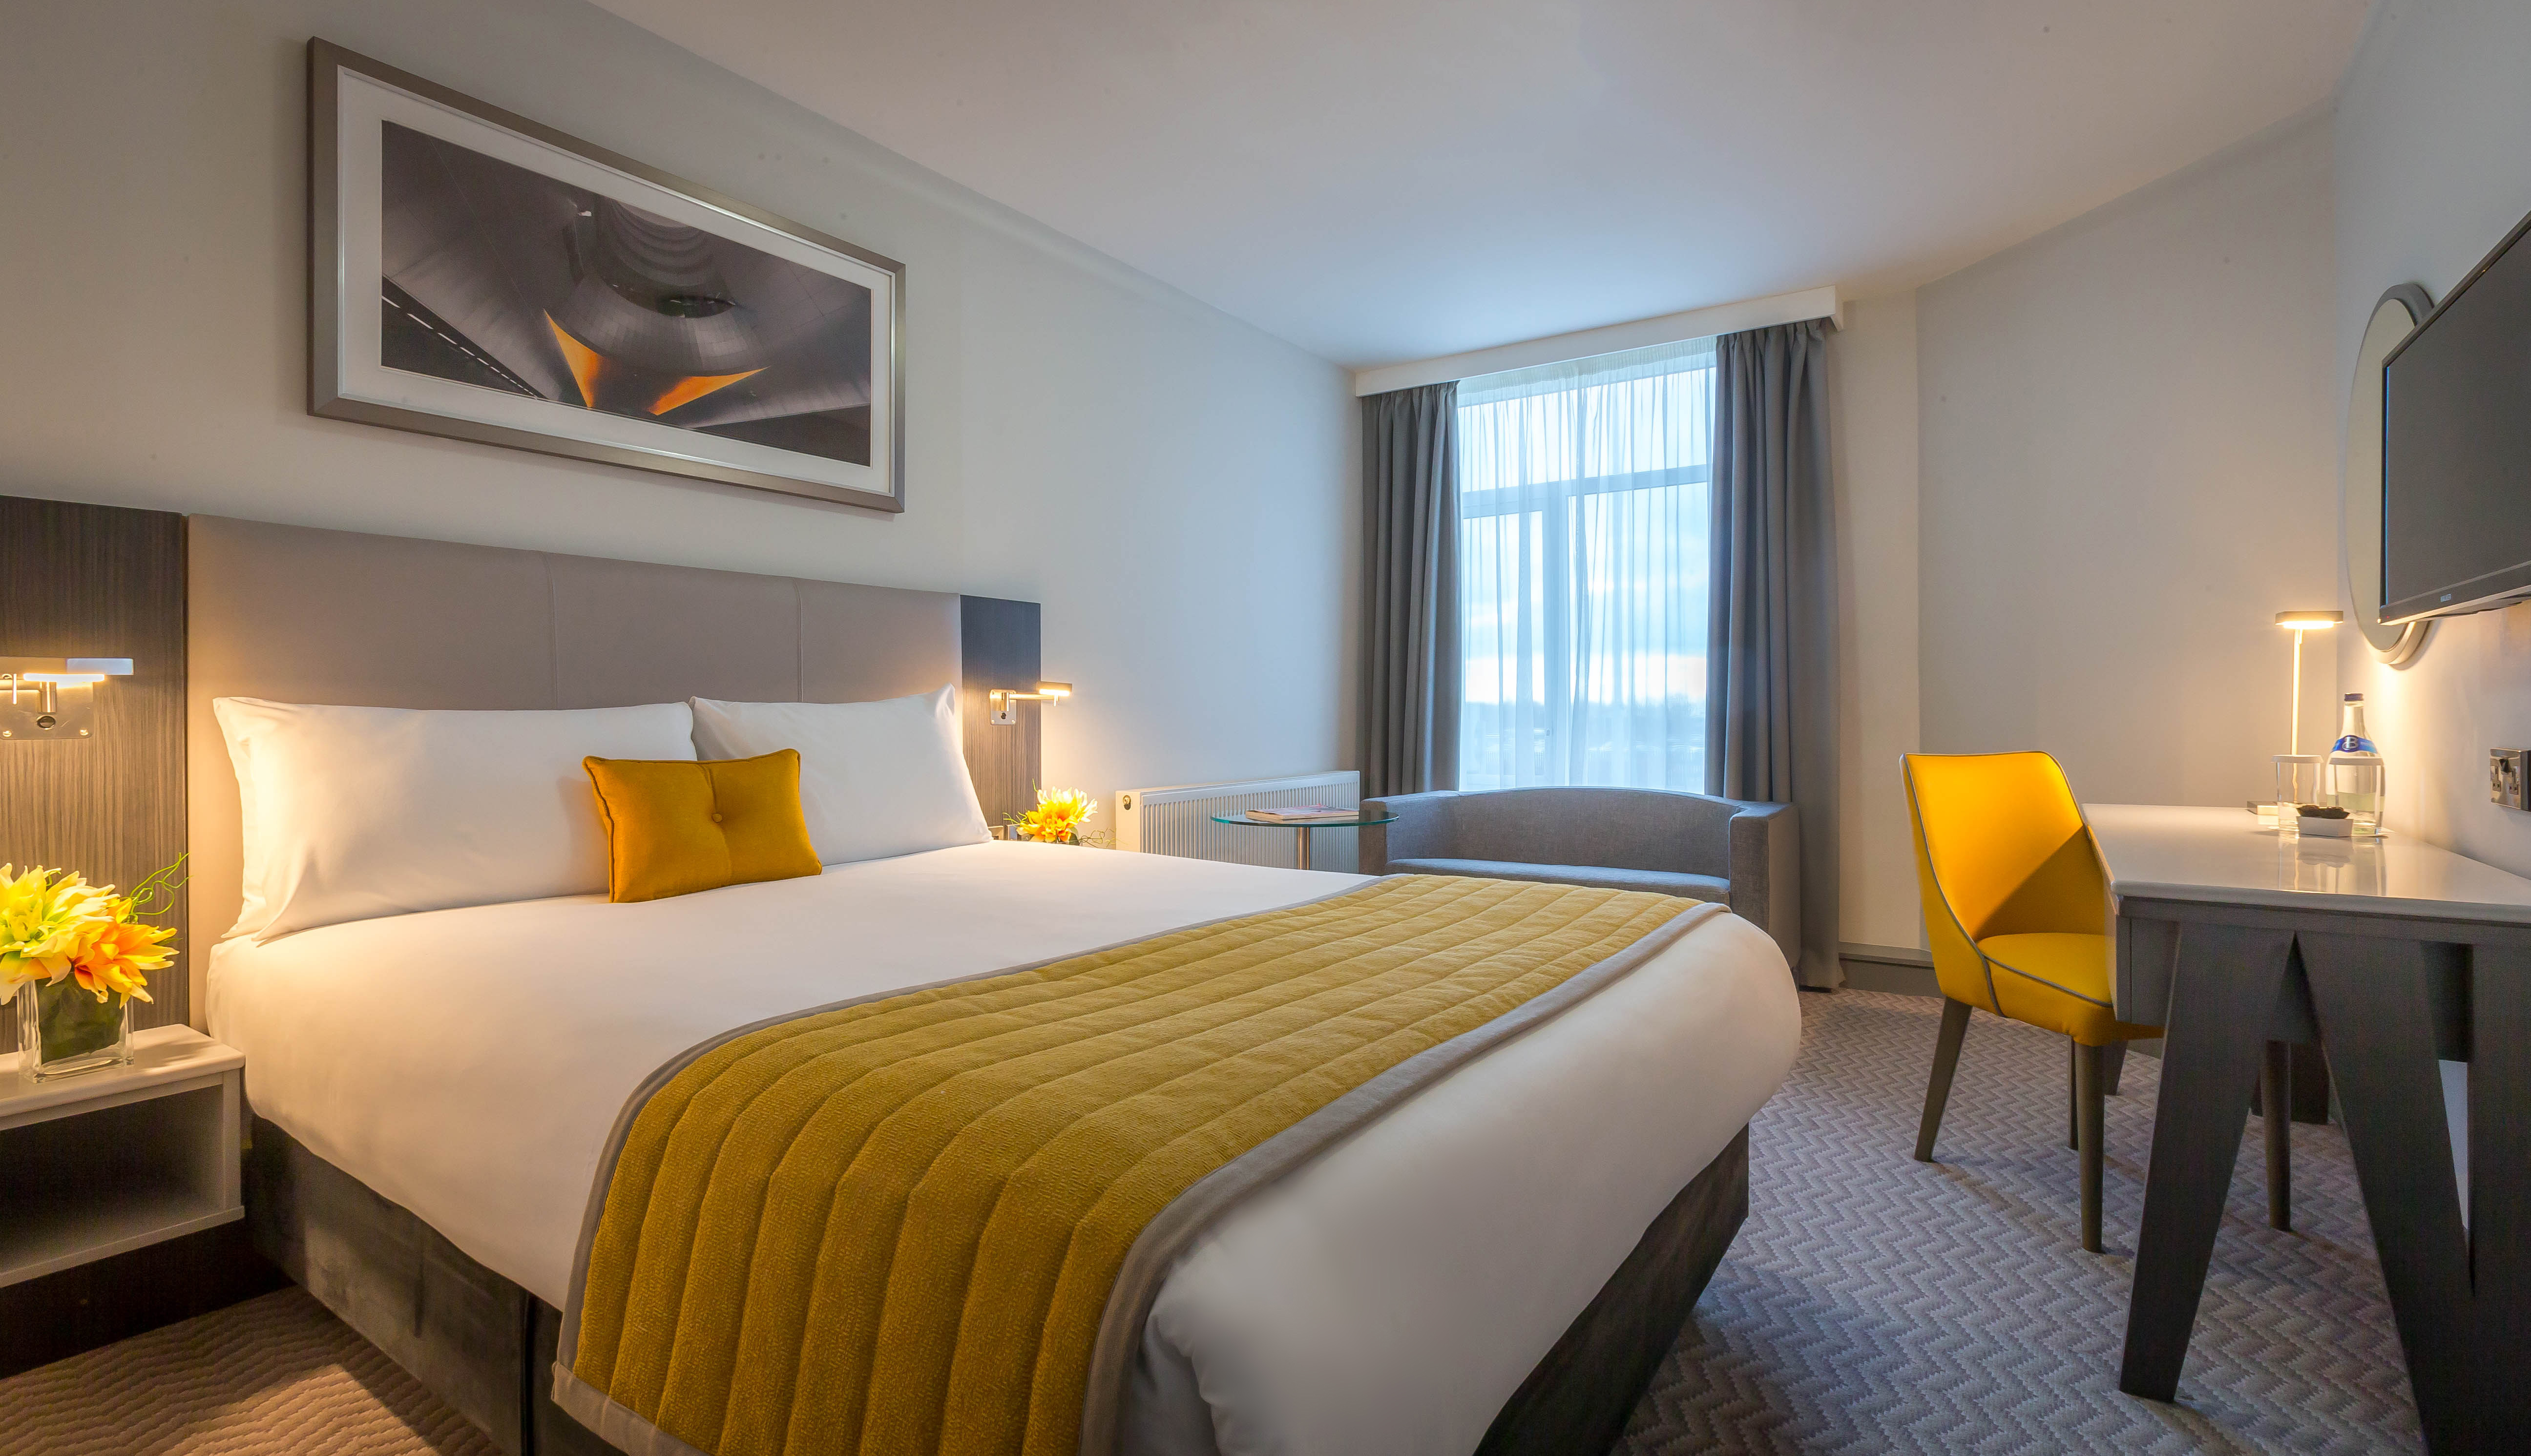 Maldron_Hotel_Dublin_Airport_Superior_Double_Room